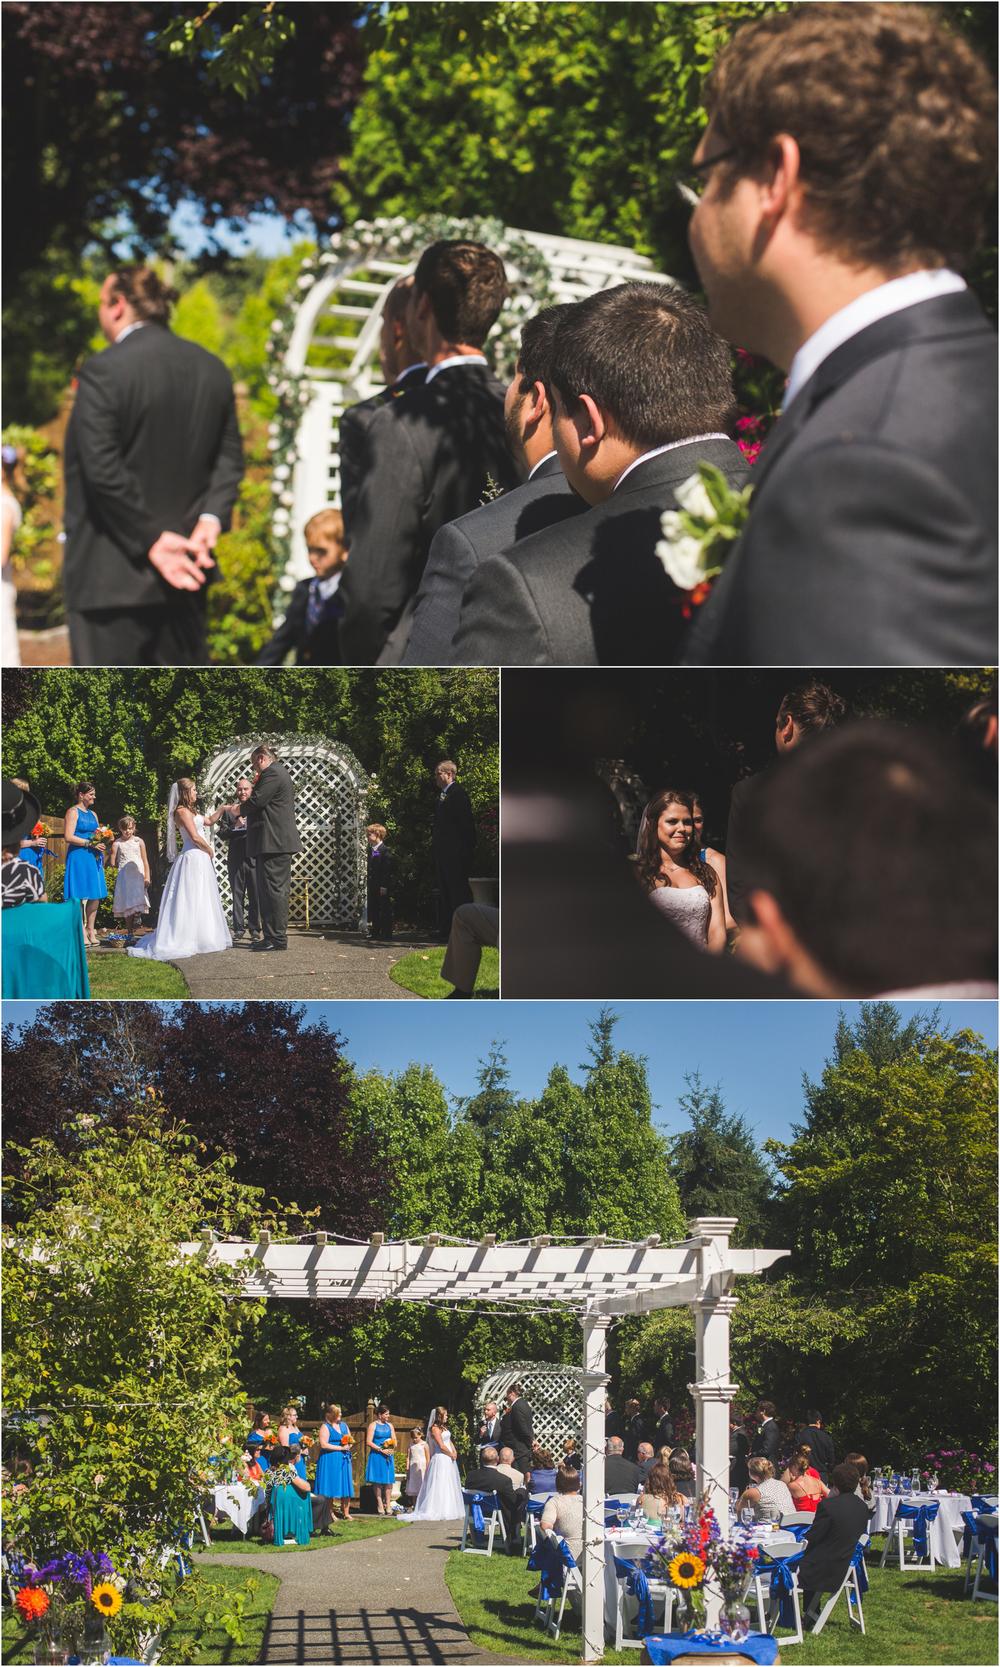 ashley vos photography seattle tacoma area engagement wedding photographer_0504.jpg